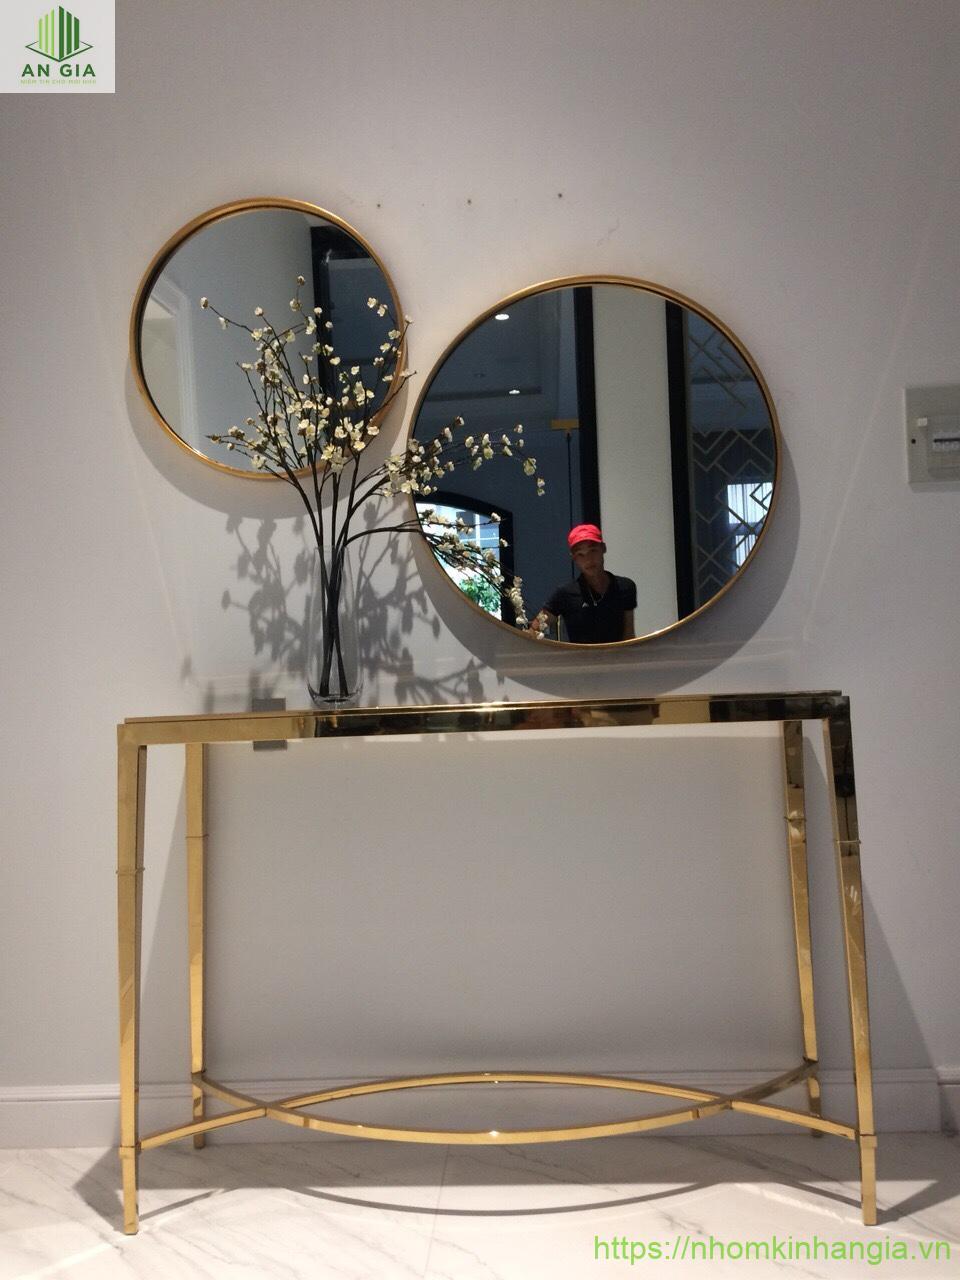 Mẫu 2: Mẫu gương với kích thước lớn phù hợp với những ngôi nhà có diện tích phòng khách rộng